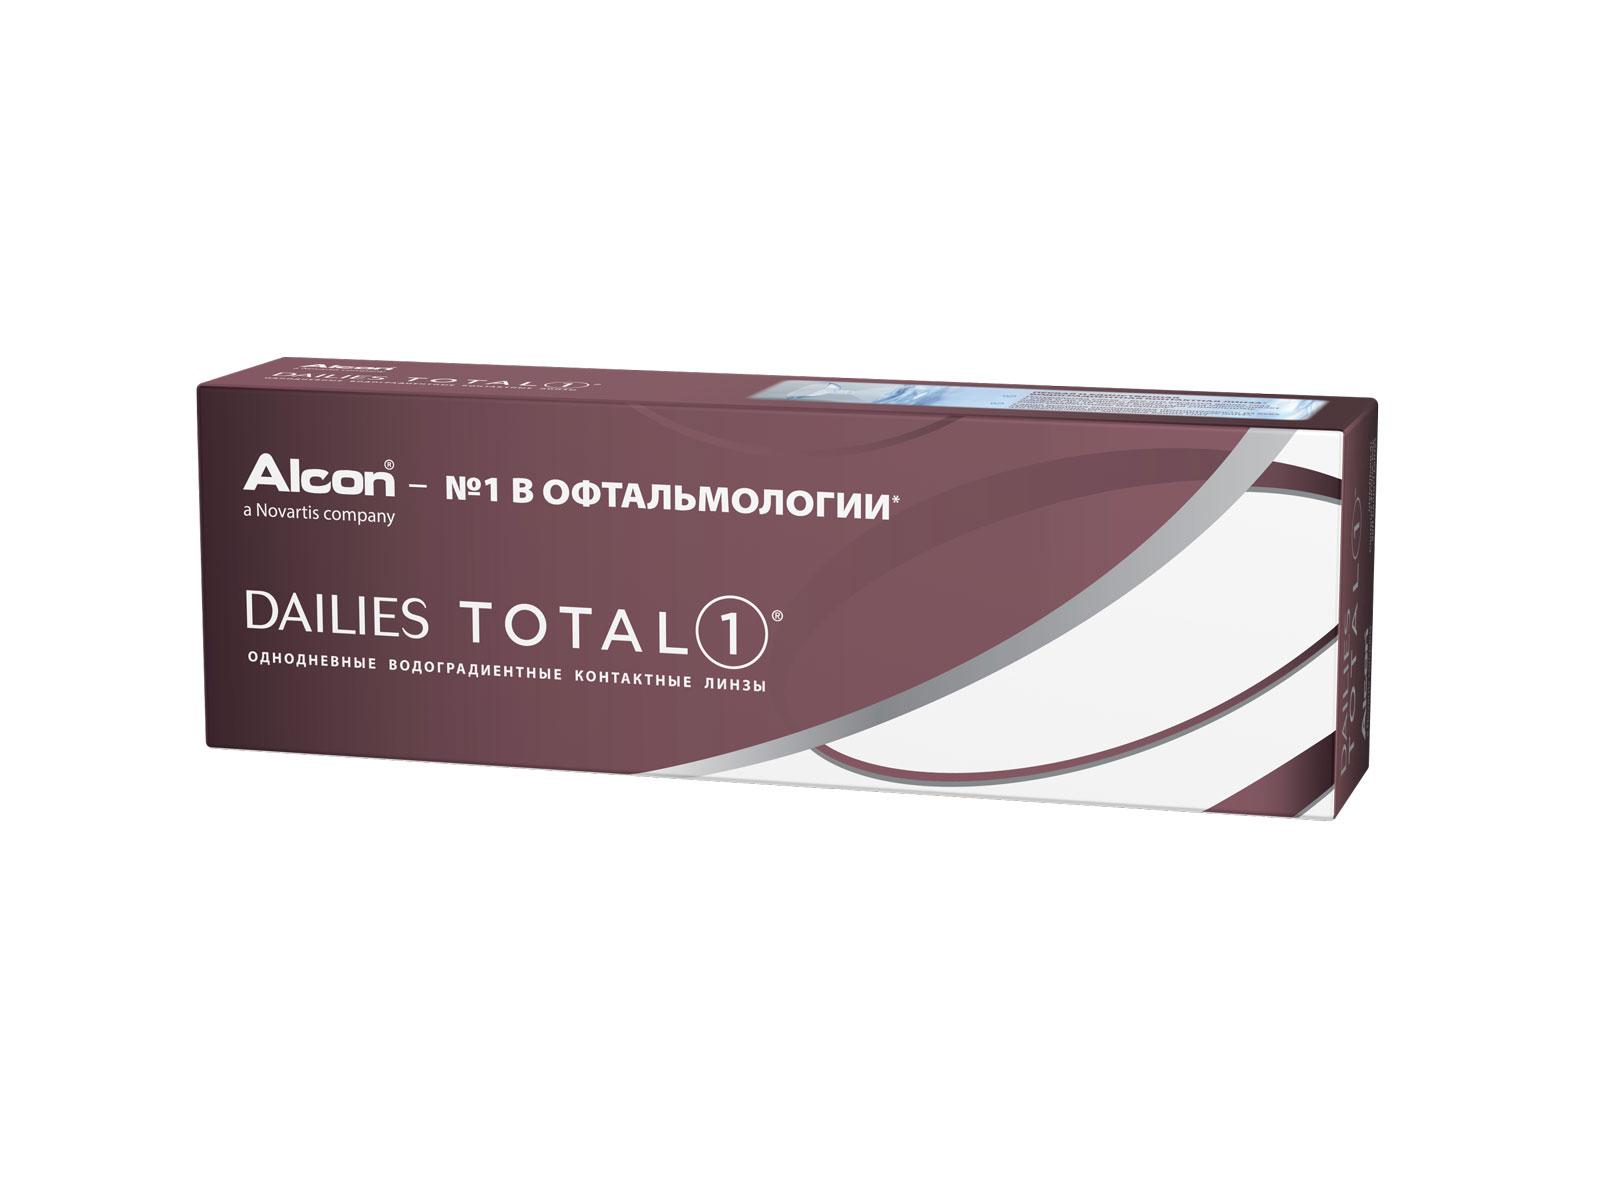 Alcon контактные линзы Dailies Total 1 30pk /-3.00 / 8.5 / 14.1100025092Dailies Total 1 – линзы, которые не чувствуешь с утра и до поздного вечера. Эти однодневные контактные линзы выполнены из уникального водоградиентного материала, багодаря которому натуральная слеза – это все, что касается ваших глаз. Почти 100% влаги на поверхности обеспечивают непревзойденный комфорт до 16 часов ношения.